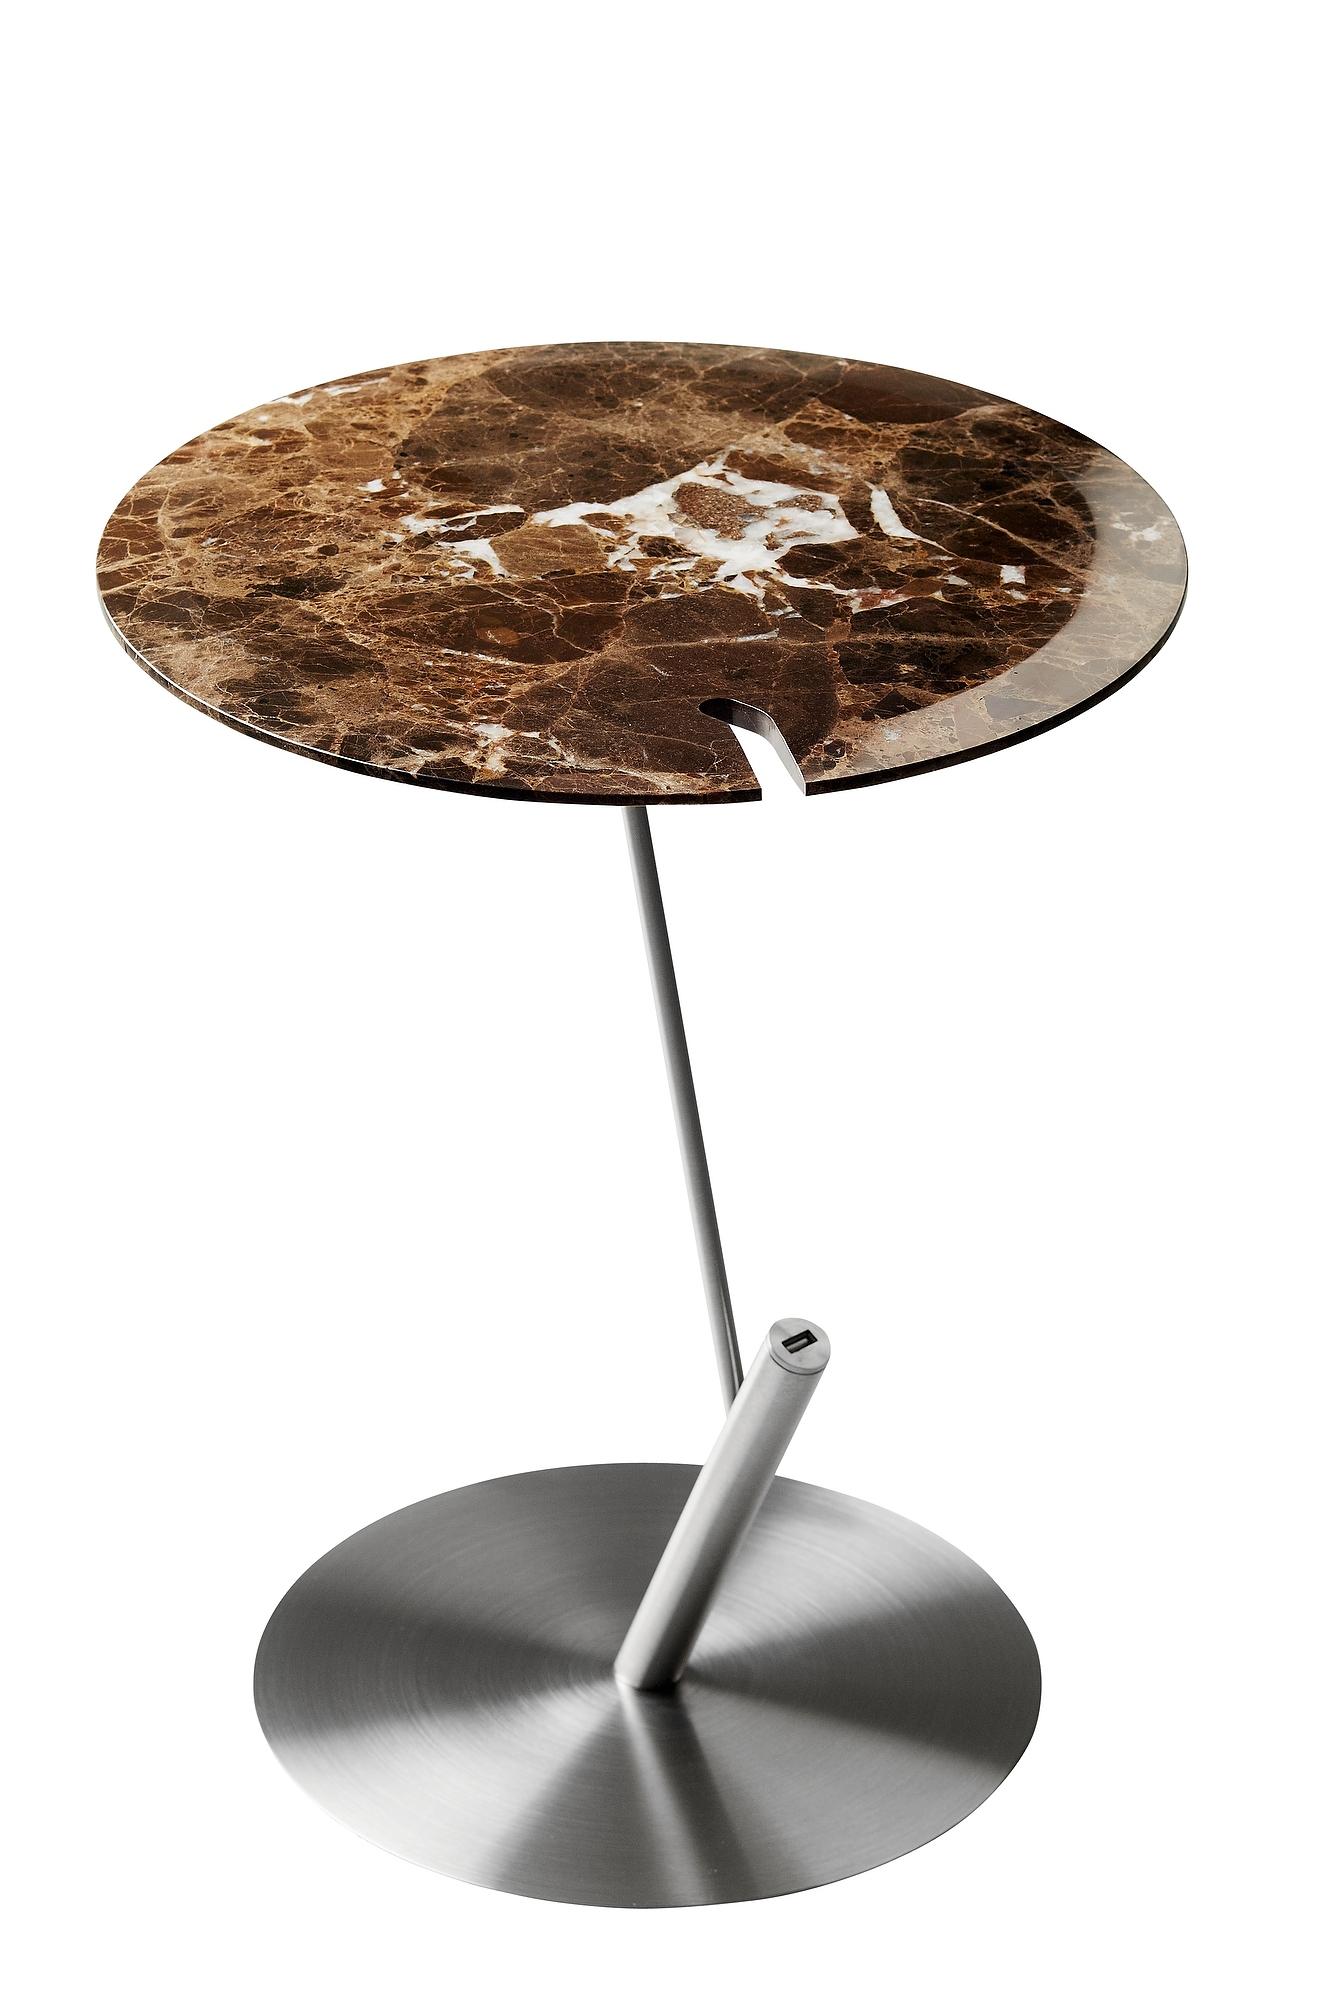 столик темный lllooch